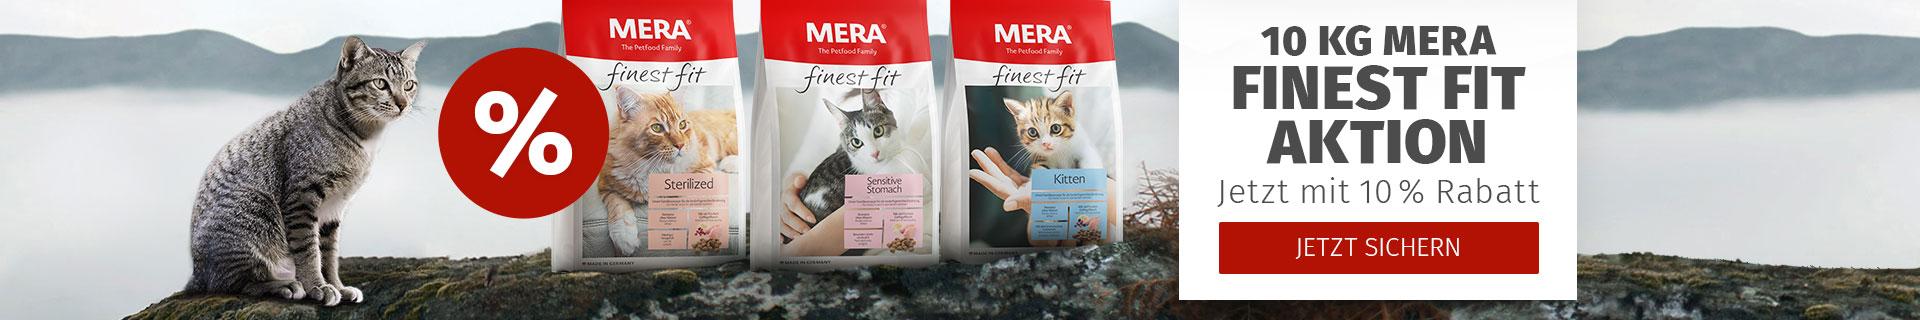 10kg Mera Finest Fit Aktion jetzt mit 10% Rabatt